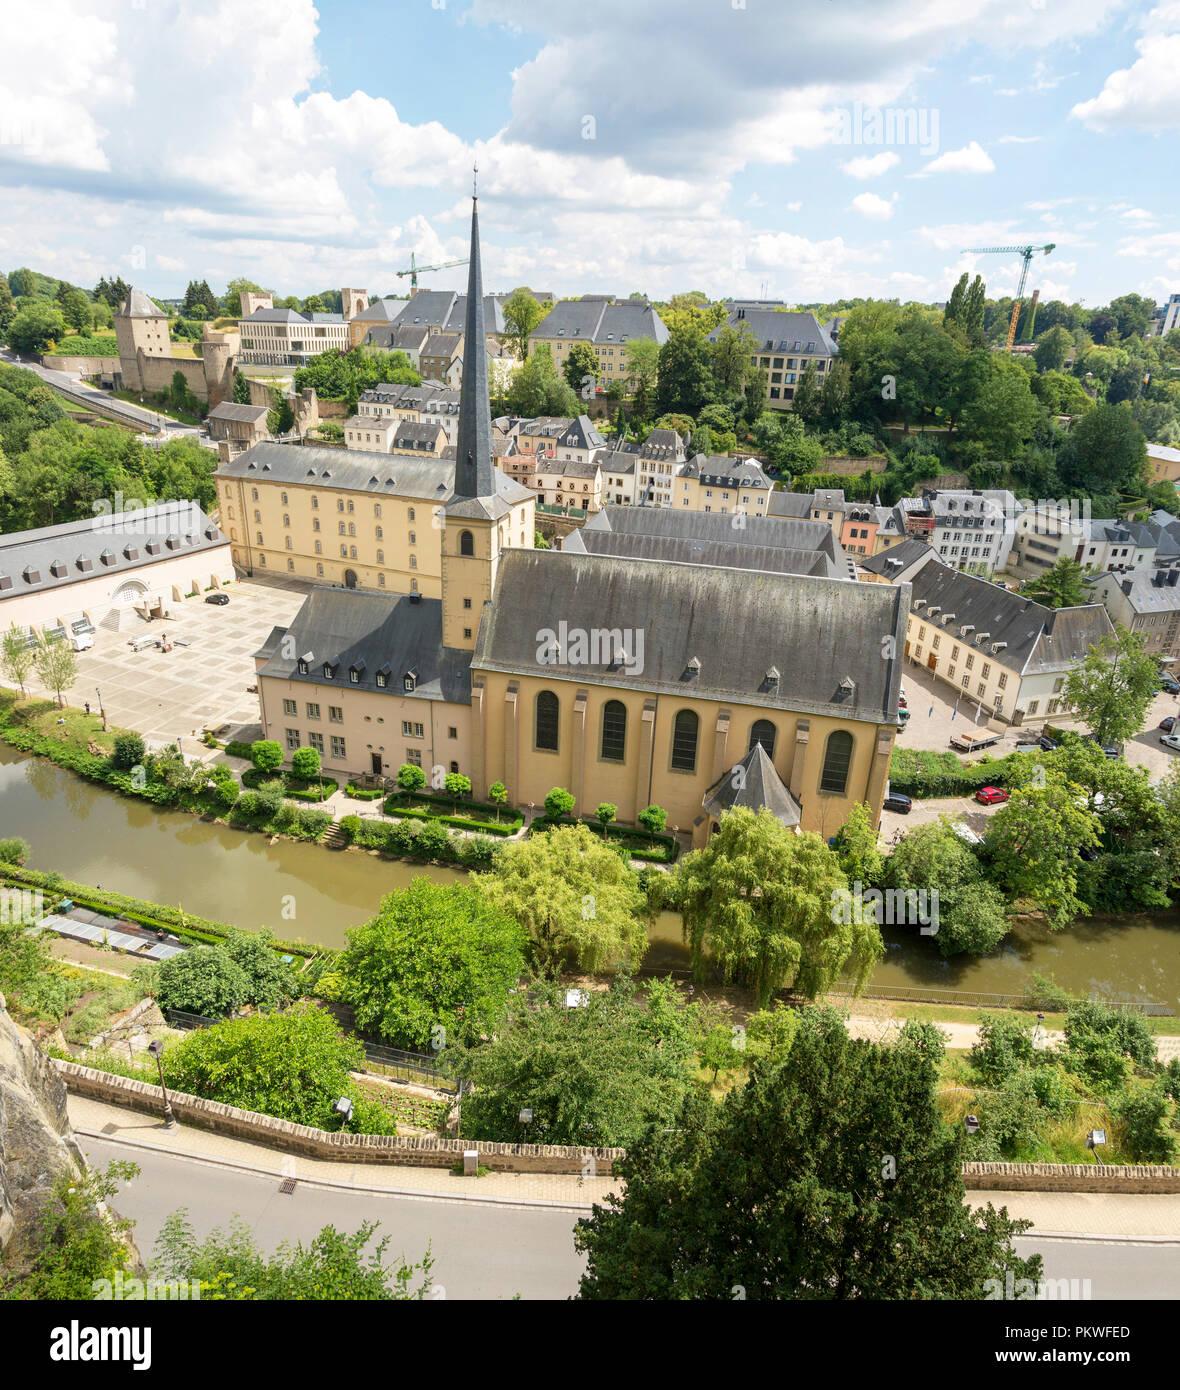 Luxemburg, Großherzogtum Luxemburg - Juli 06, 2018: Neumünster Abbey in der unteren Stadt in Luxemburg Stockbild